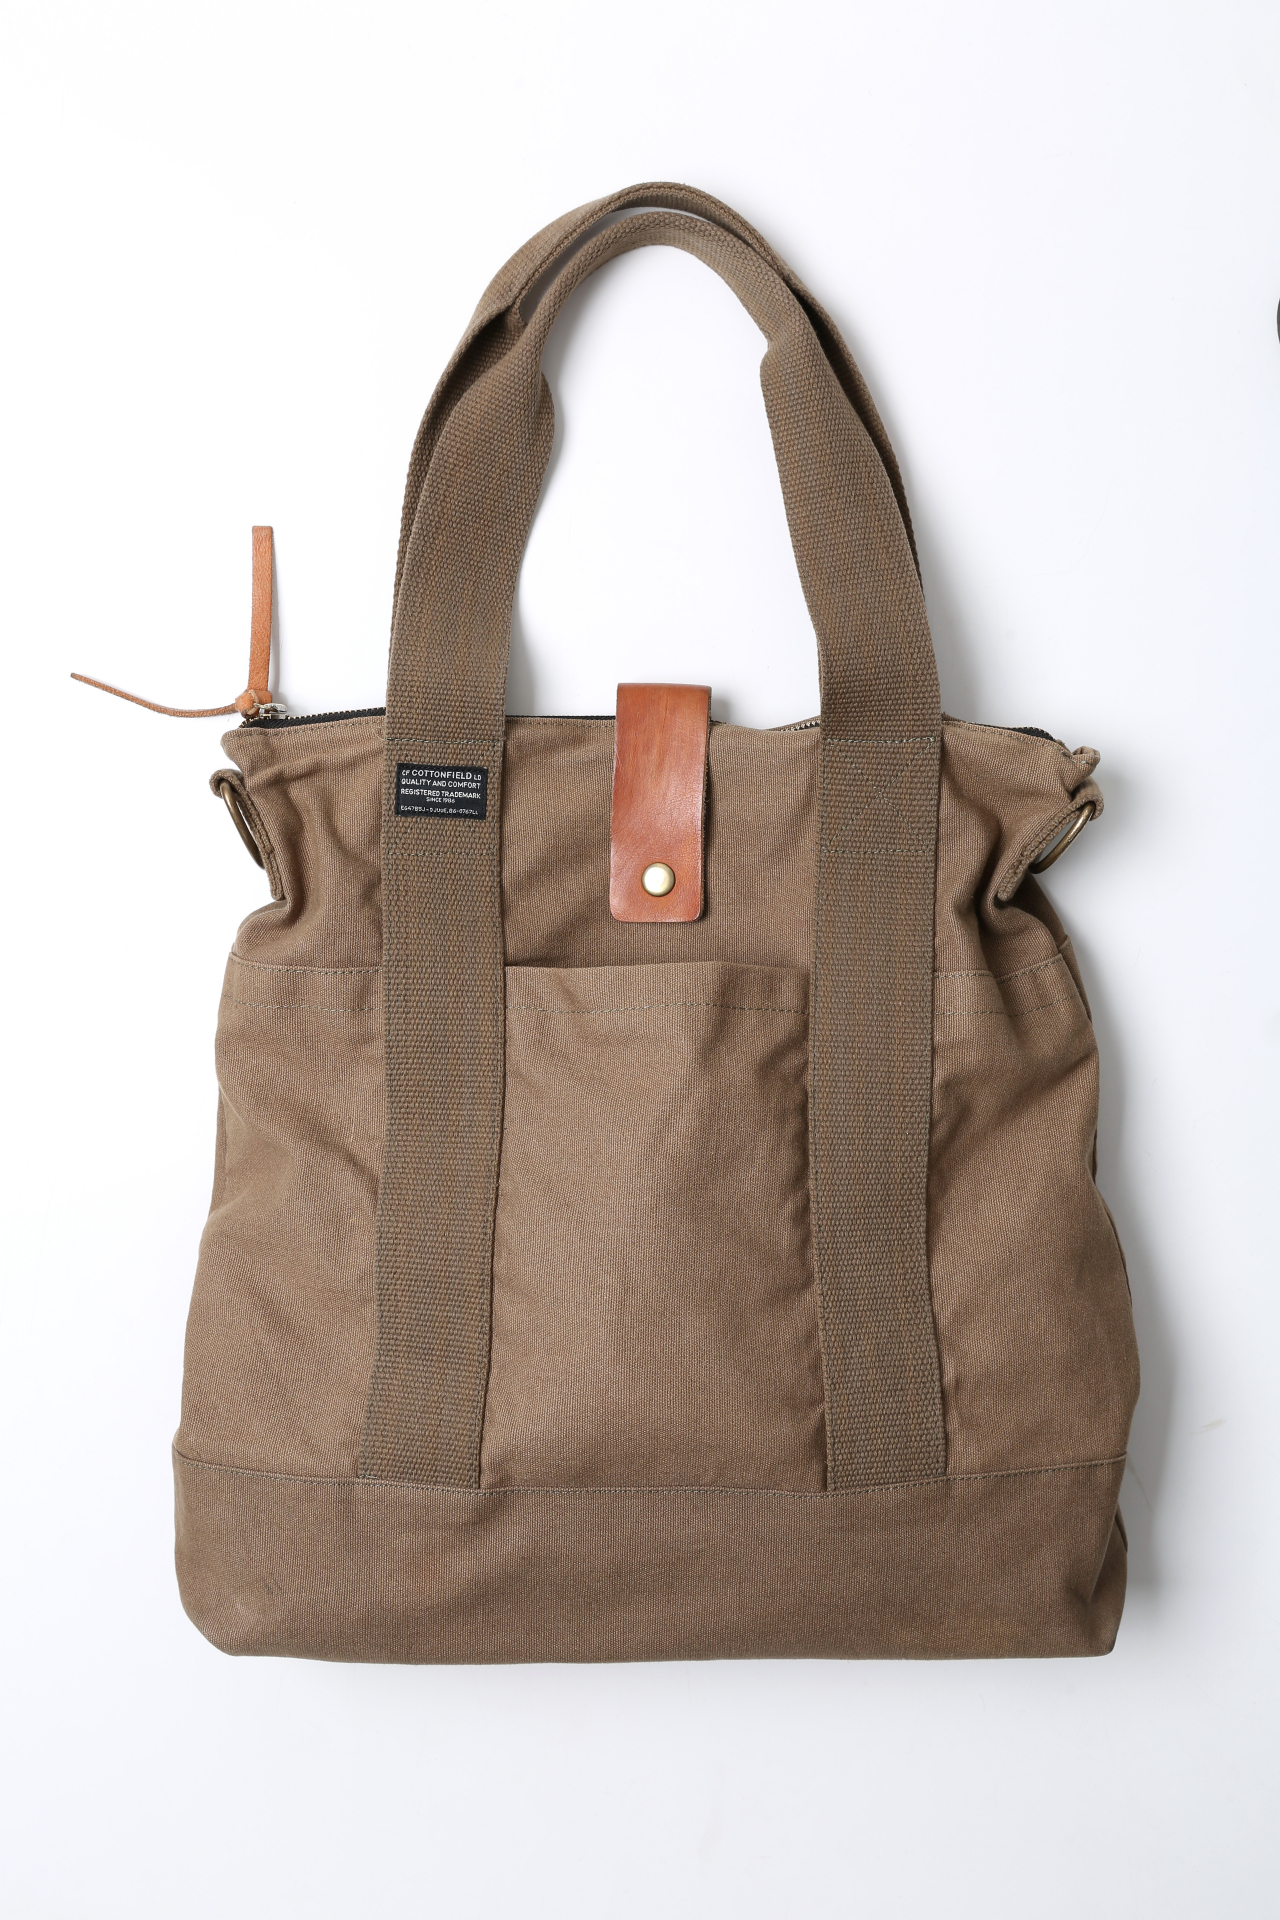 Ietilpīga brezenta auduma soma  Man ļoti patīk lielas somas, tāpēc šī šķita īsts atradums! Ir pieliekama arī garā plecu lence.  6 eiro, Humana.